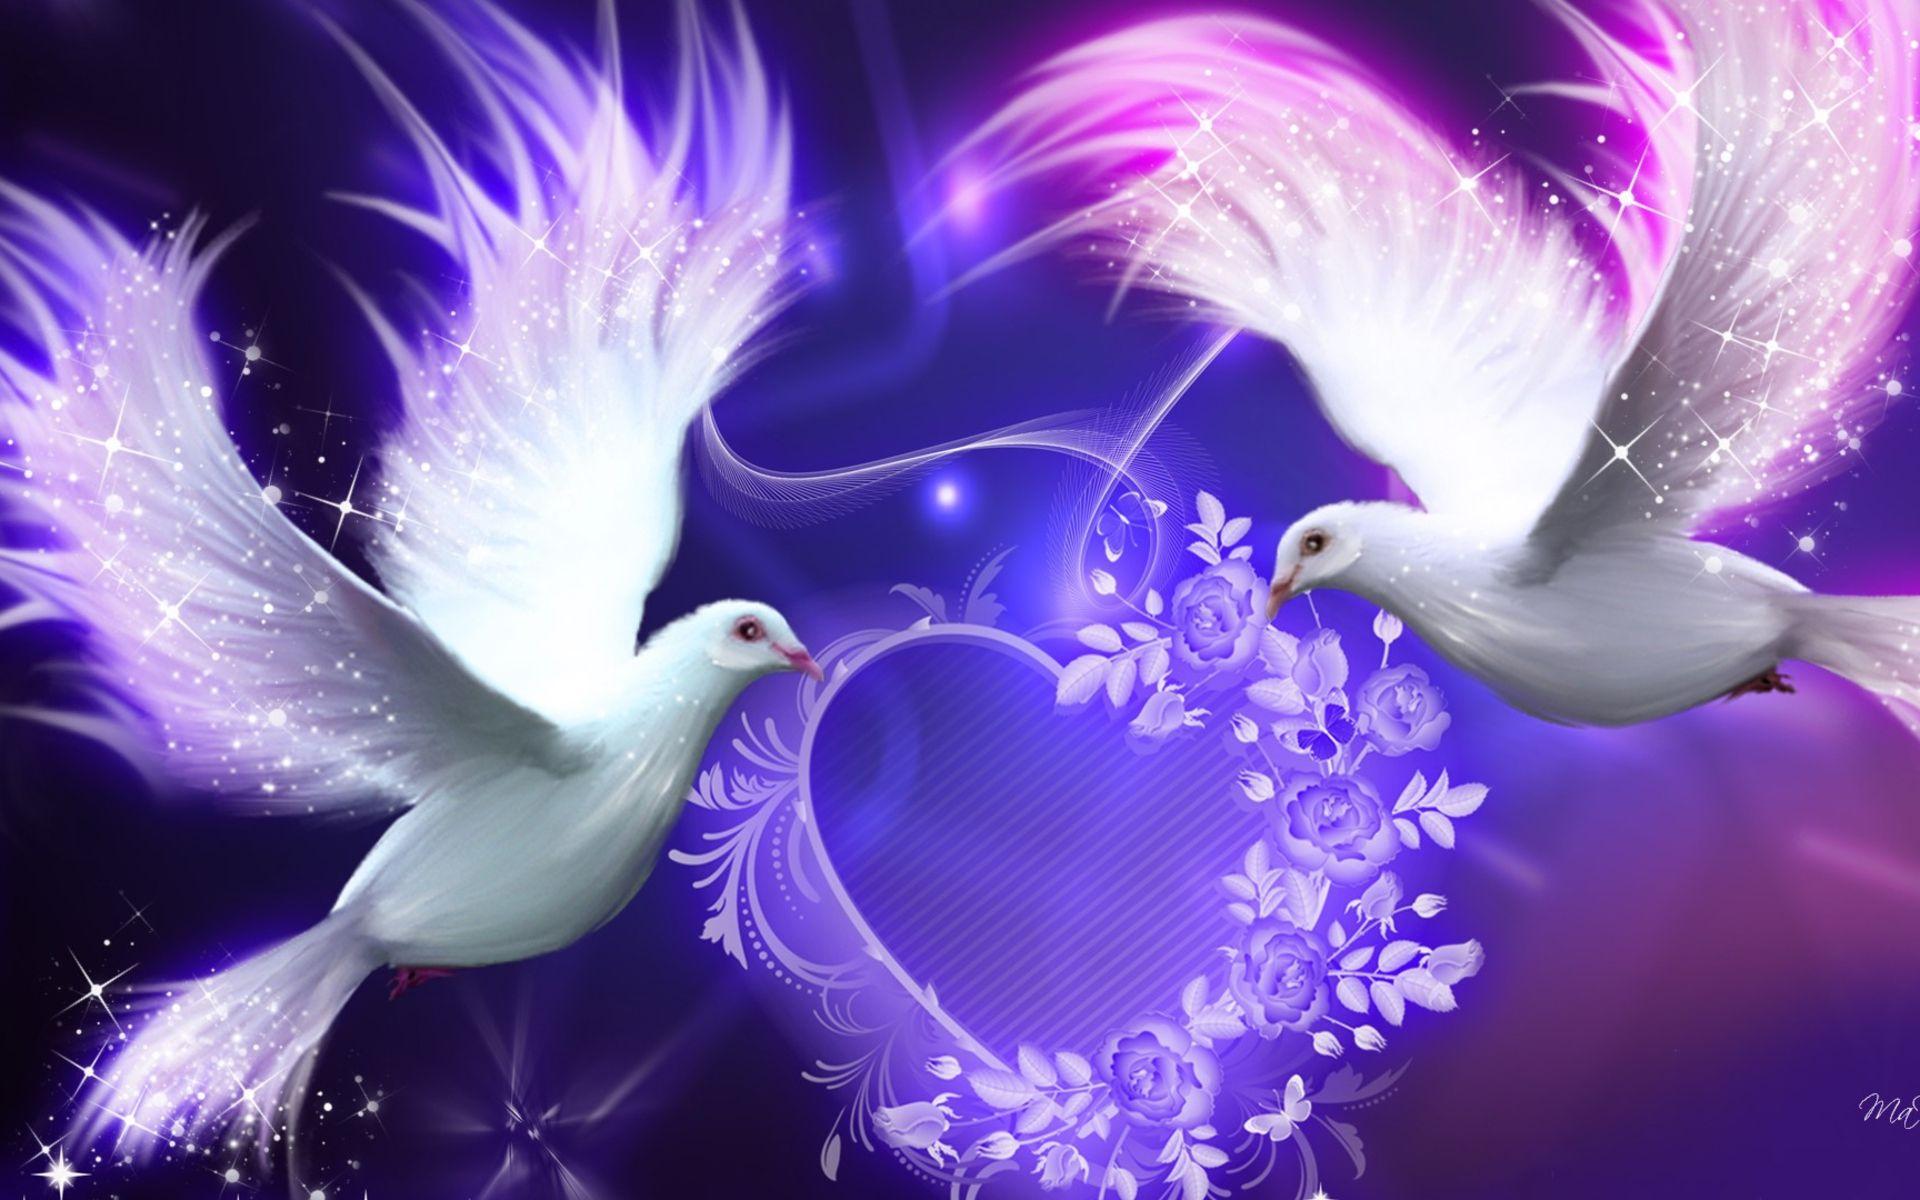 Dove Pictures Bird Wallpaper Love Birds Wallpaper